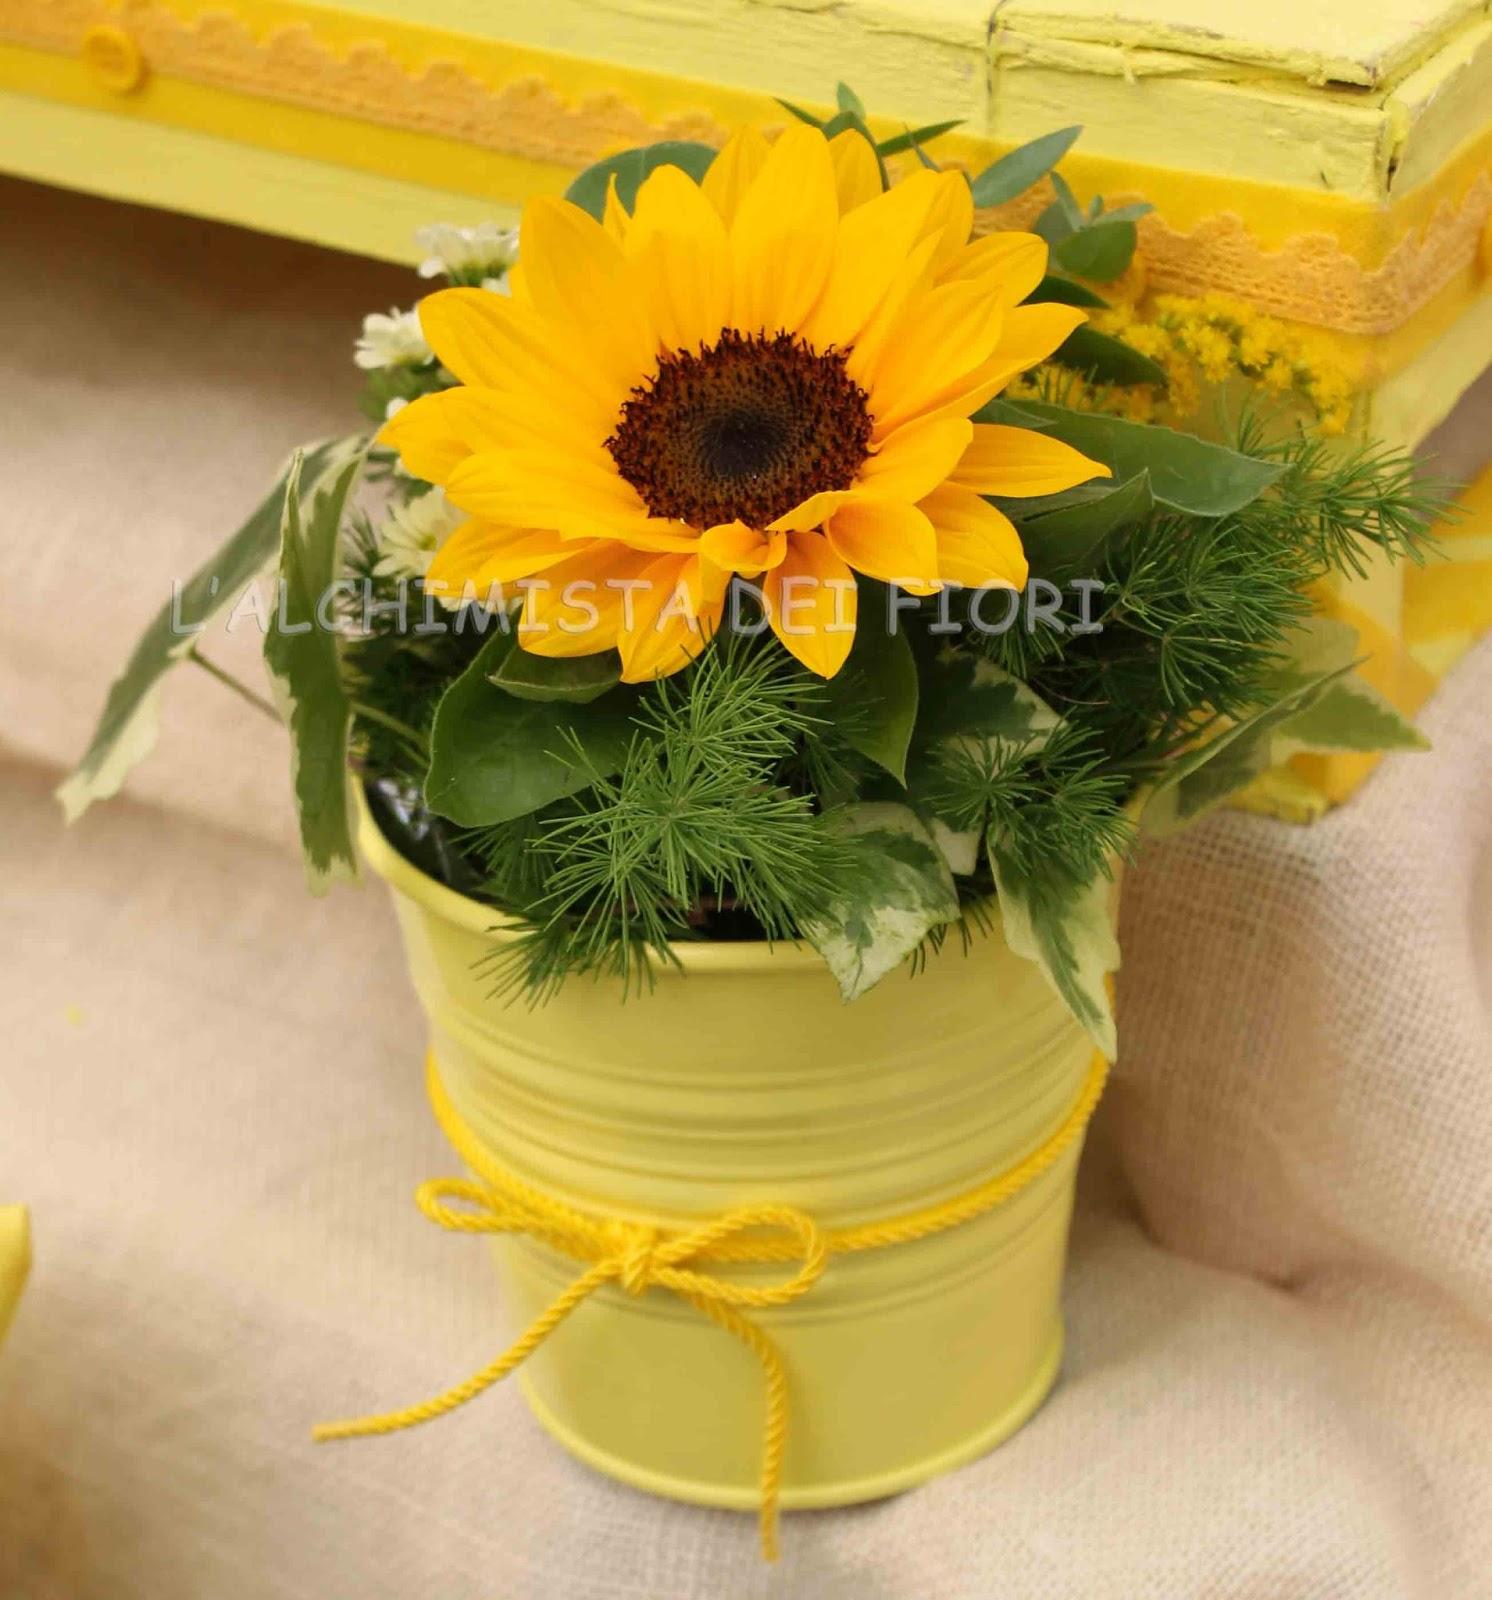 Centrotavola Matrimonio Con Girasoli : L alchimista dei fiori giugno